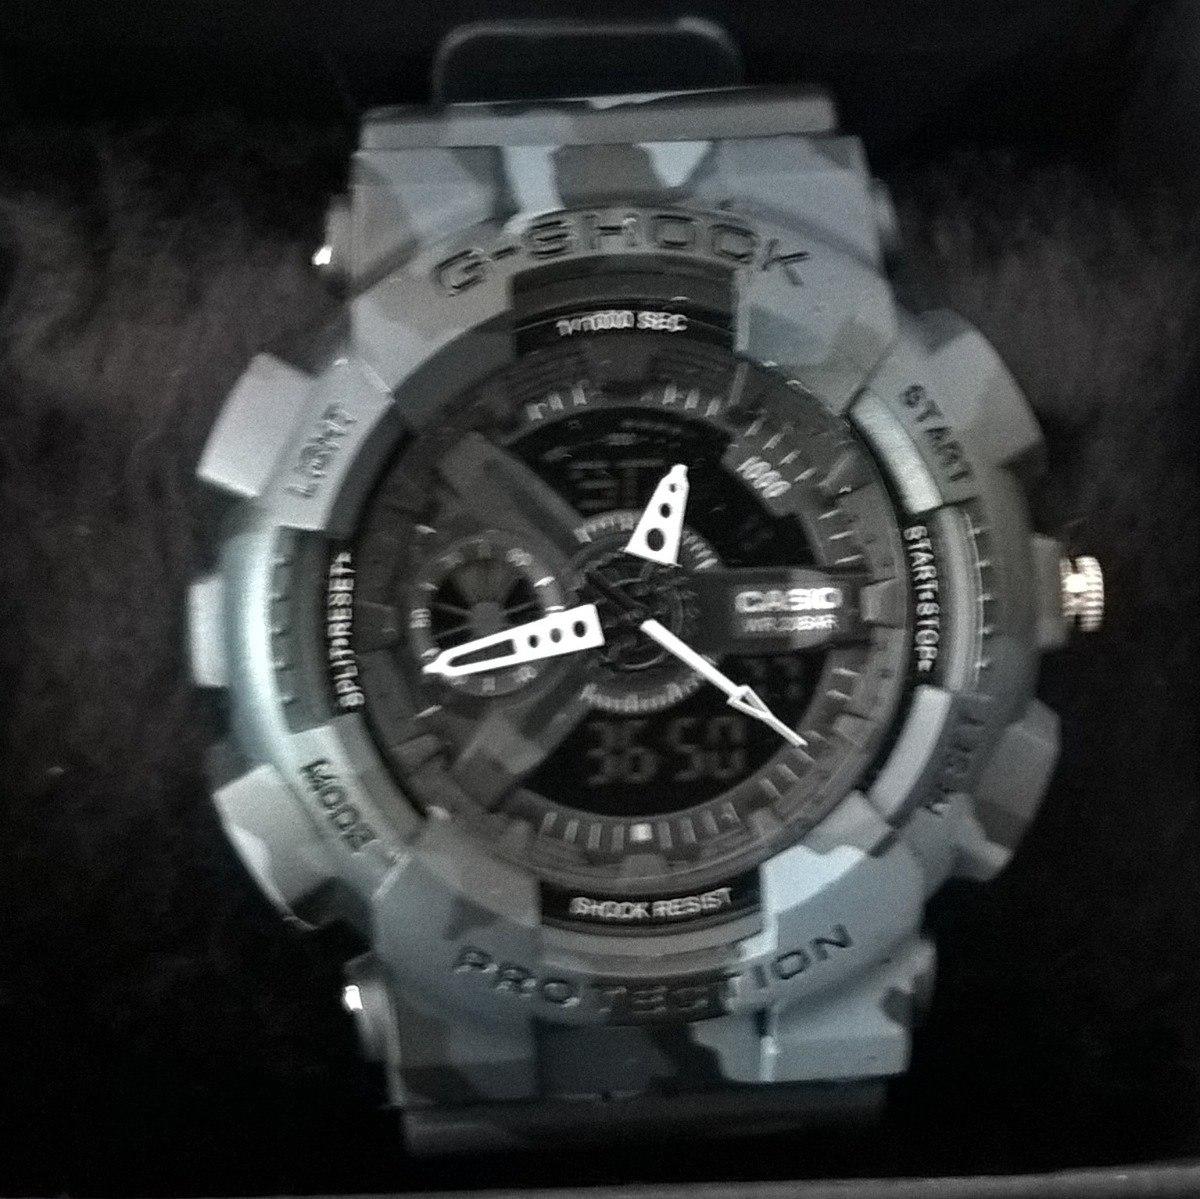 fb37a2ab587 relógios casio g-shock edição limited - (promoção. Carregando zoom.